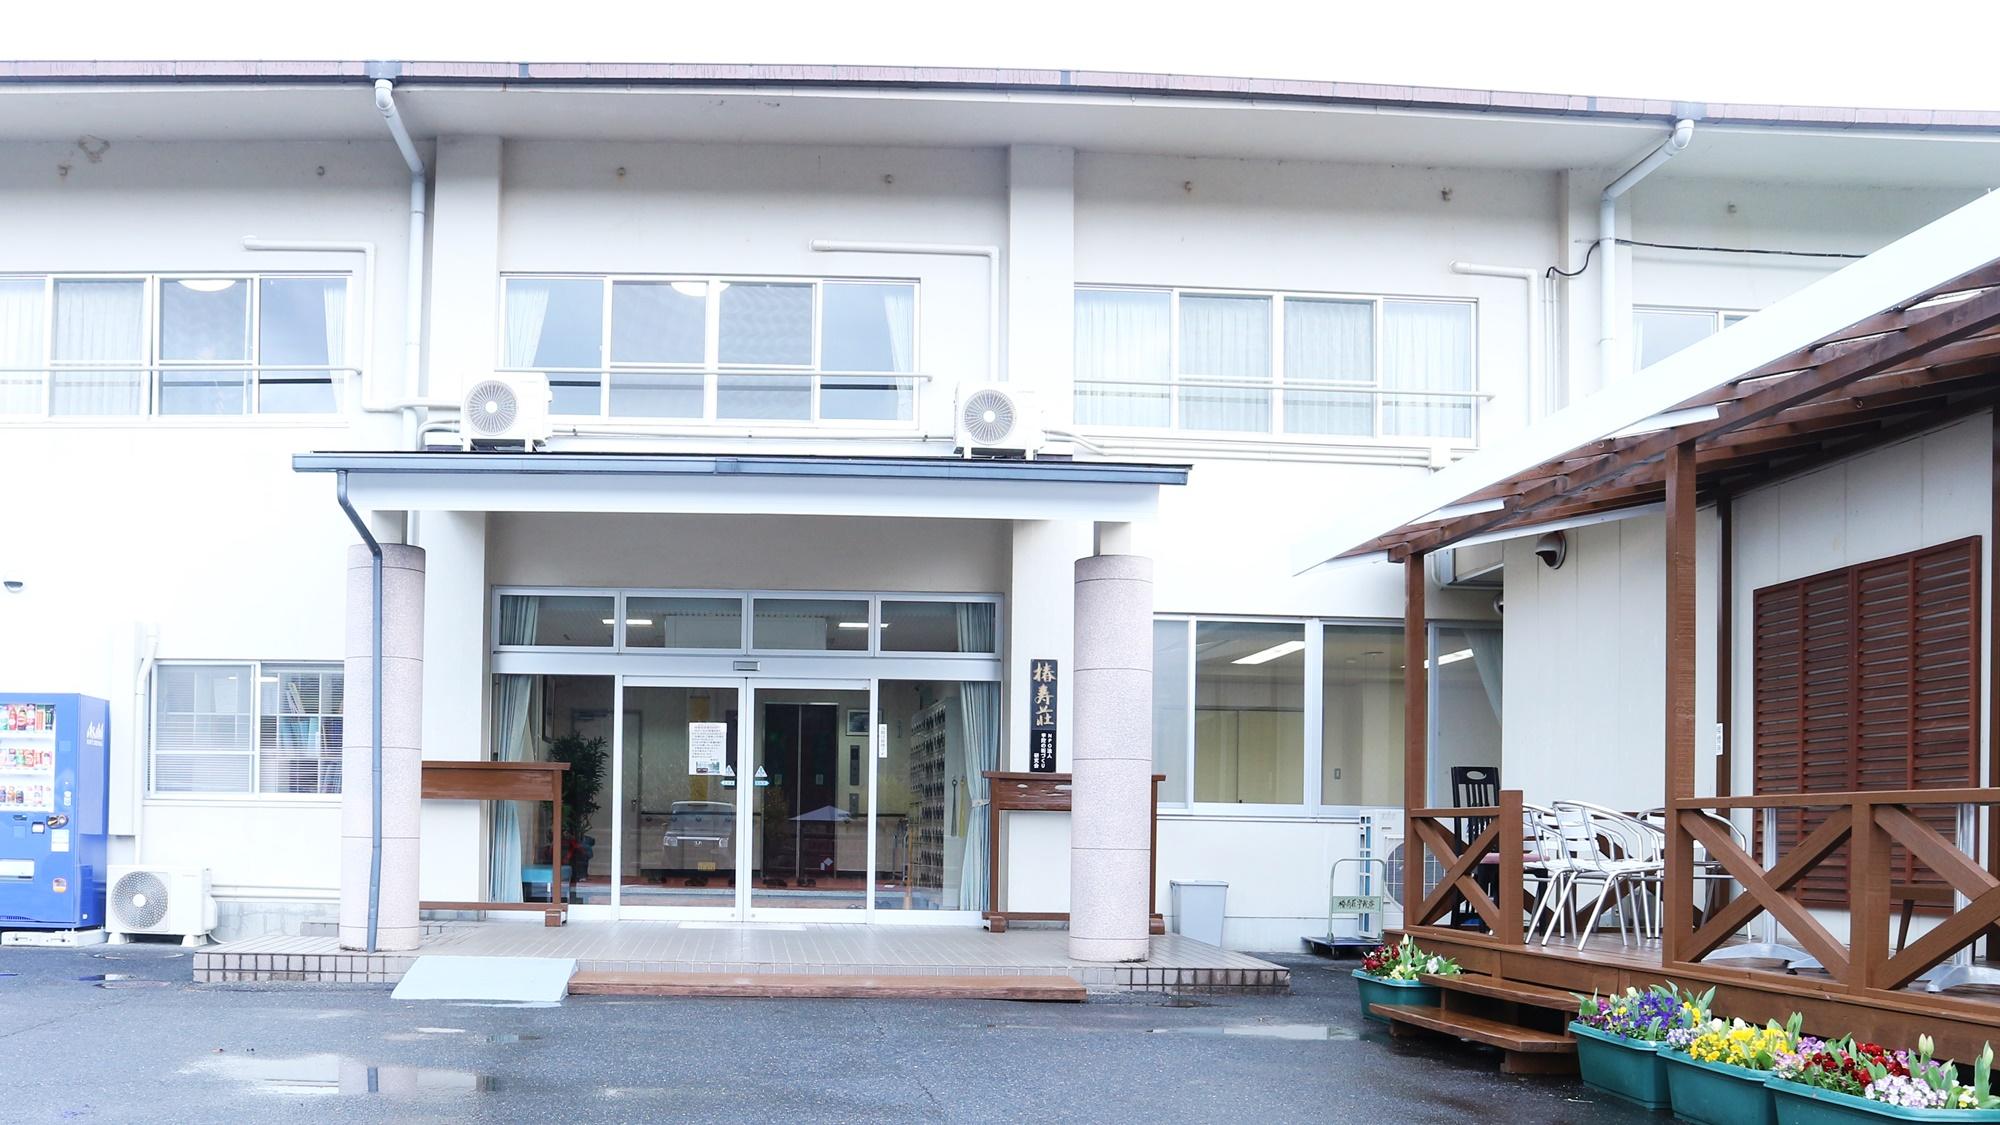 かぎろひの里 椿寿荘